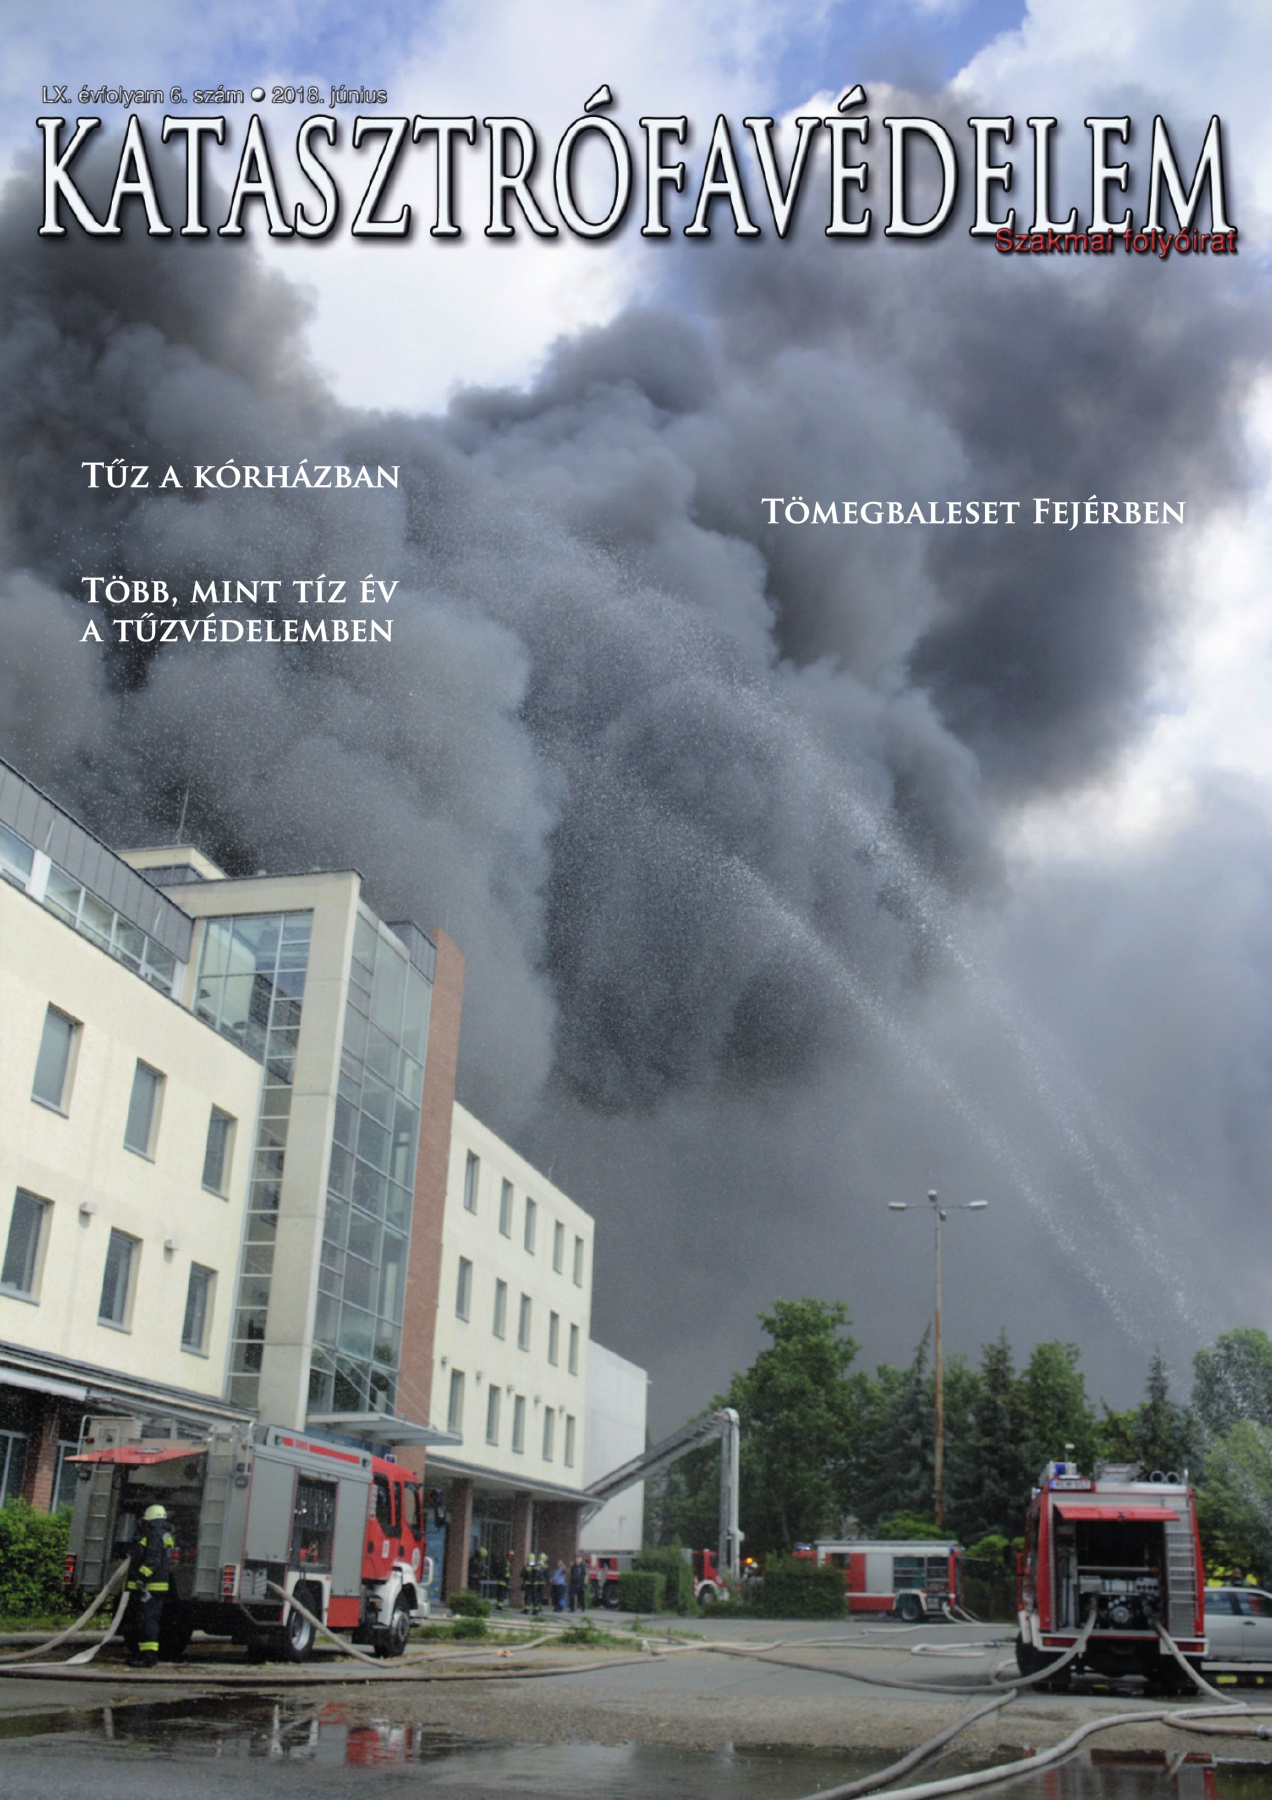 A Katasztrófavédelem magazin LX. évfolyam 6. szám megtekintése